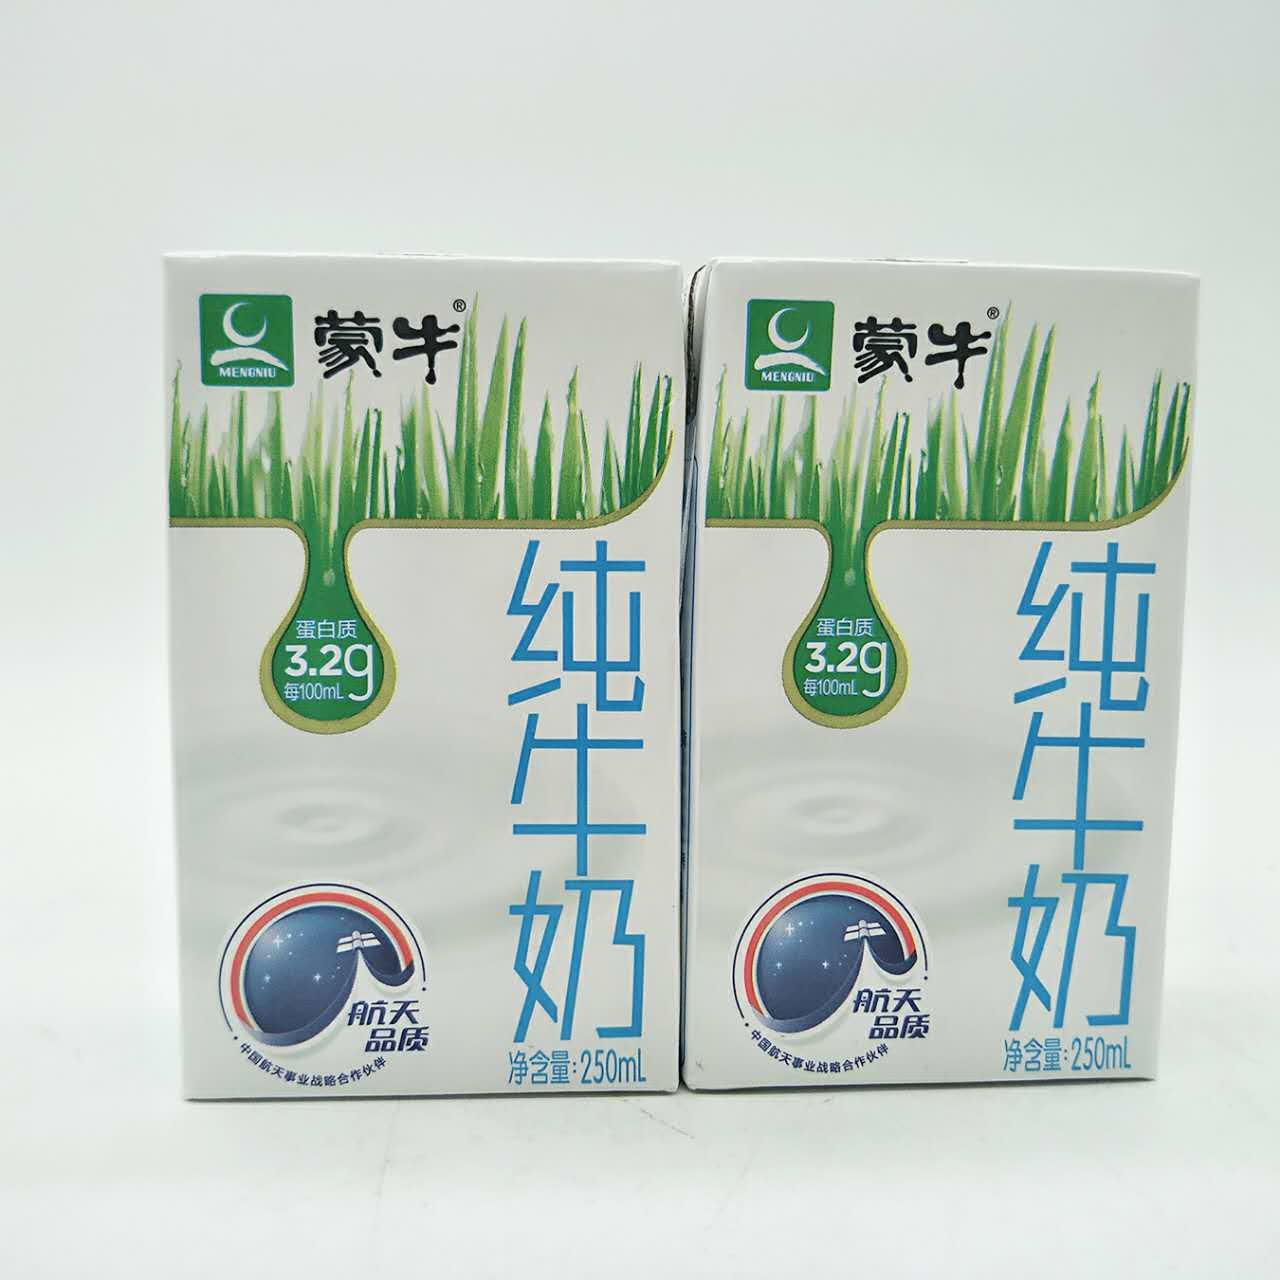 正品新鲜蒙牛纯牛奶/高钙低脂 /高钙奶250ml12/24盒可选牛奶包邮